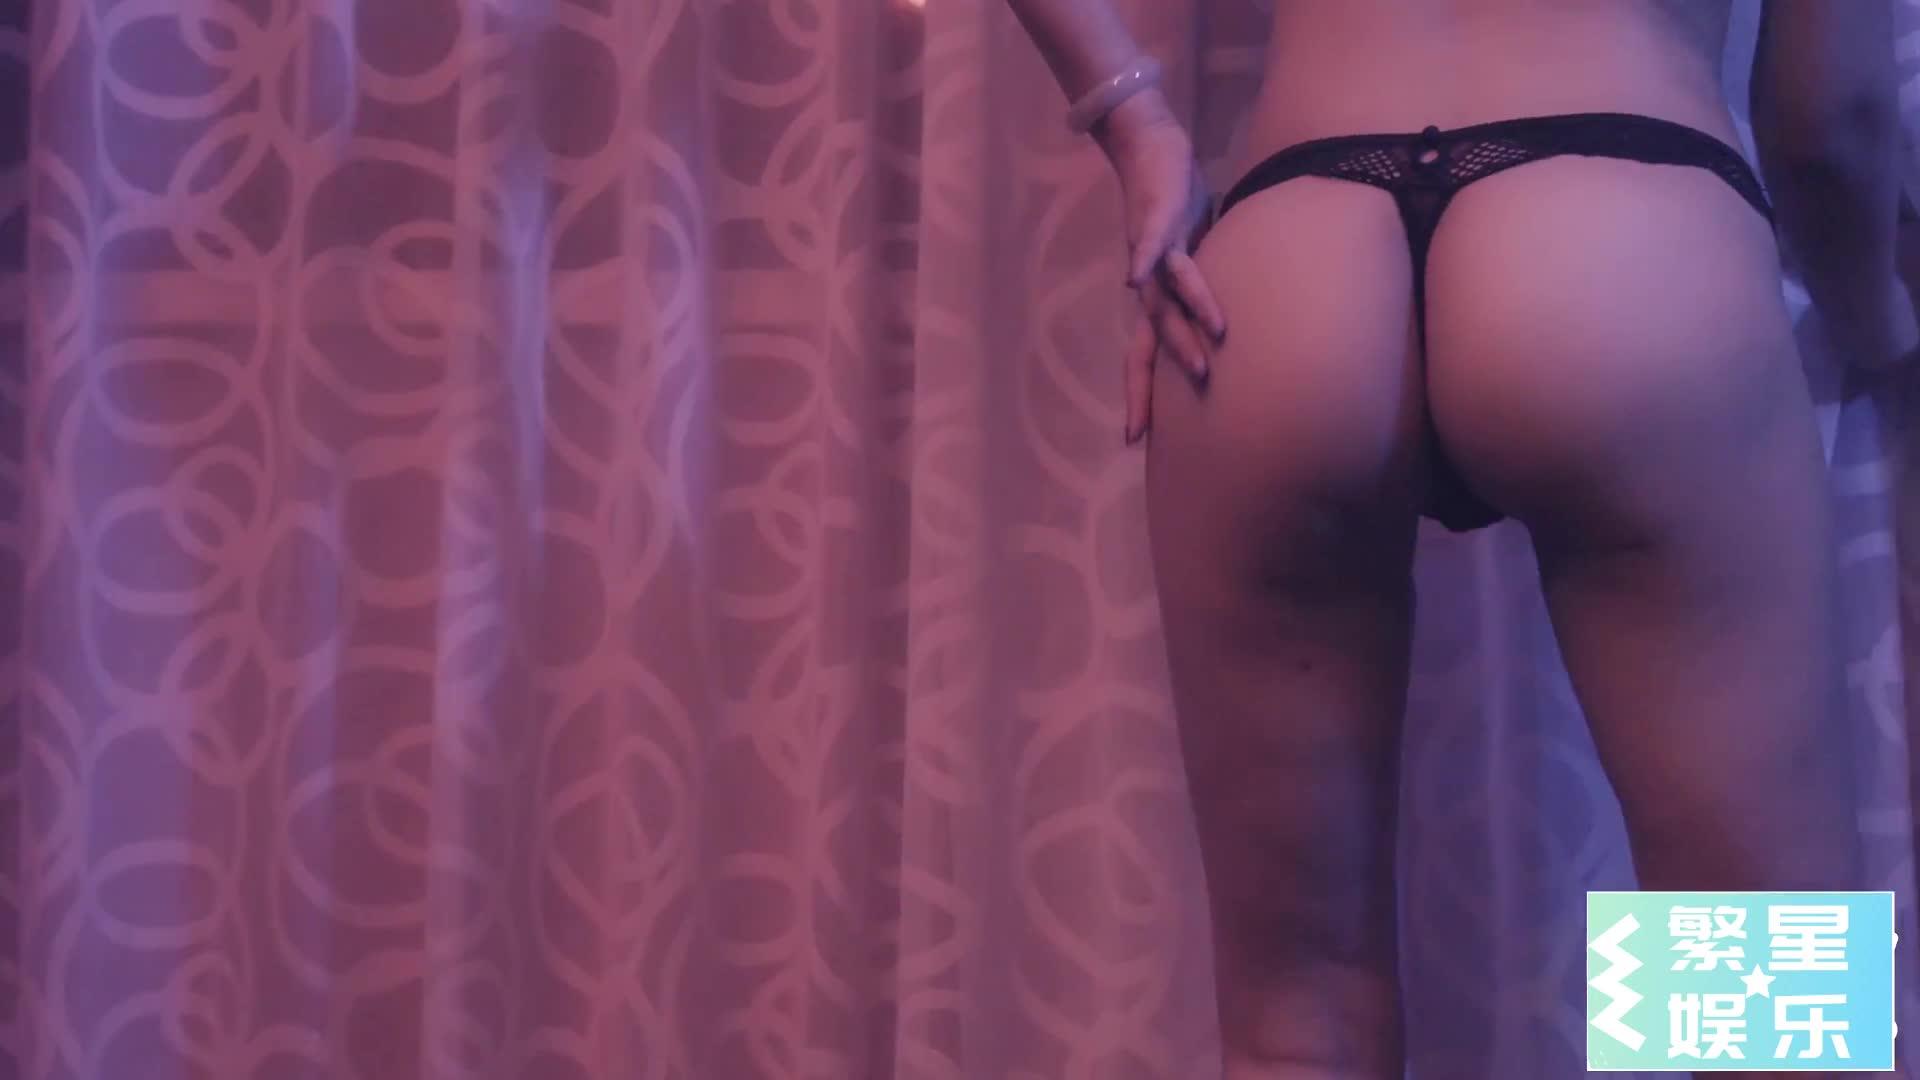 【丝袜美腿】不穿丝袜的OL槑槑& [Stockings beautyleg]—Beauty OL without stockings